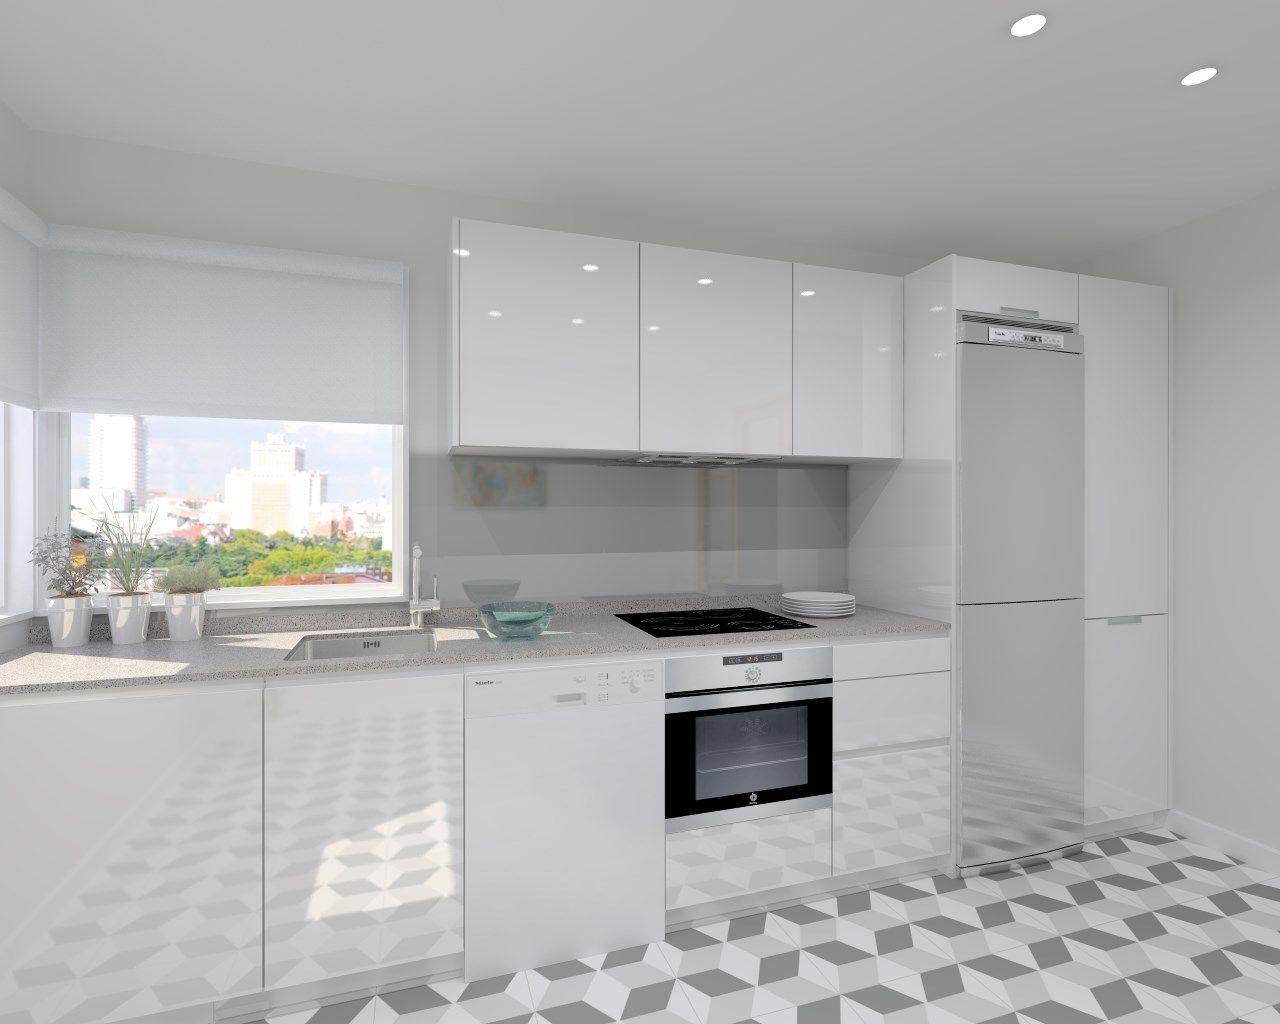 Cocina santos modelo line laminado blanco brillo encimera for Silestone gris marengo